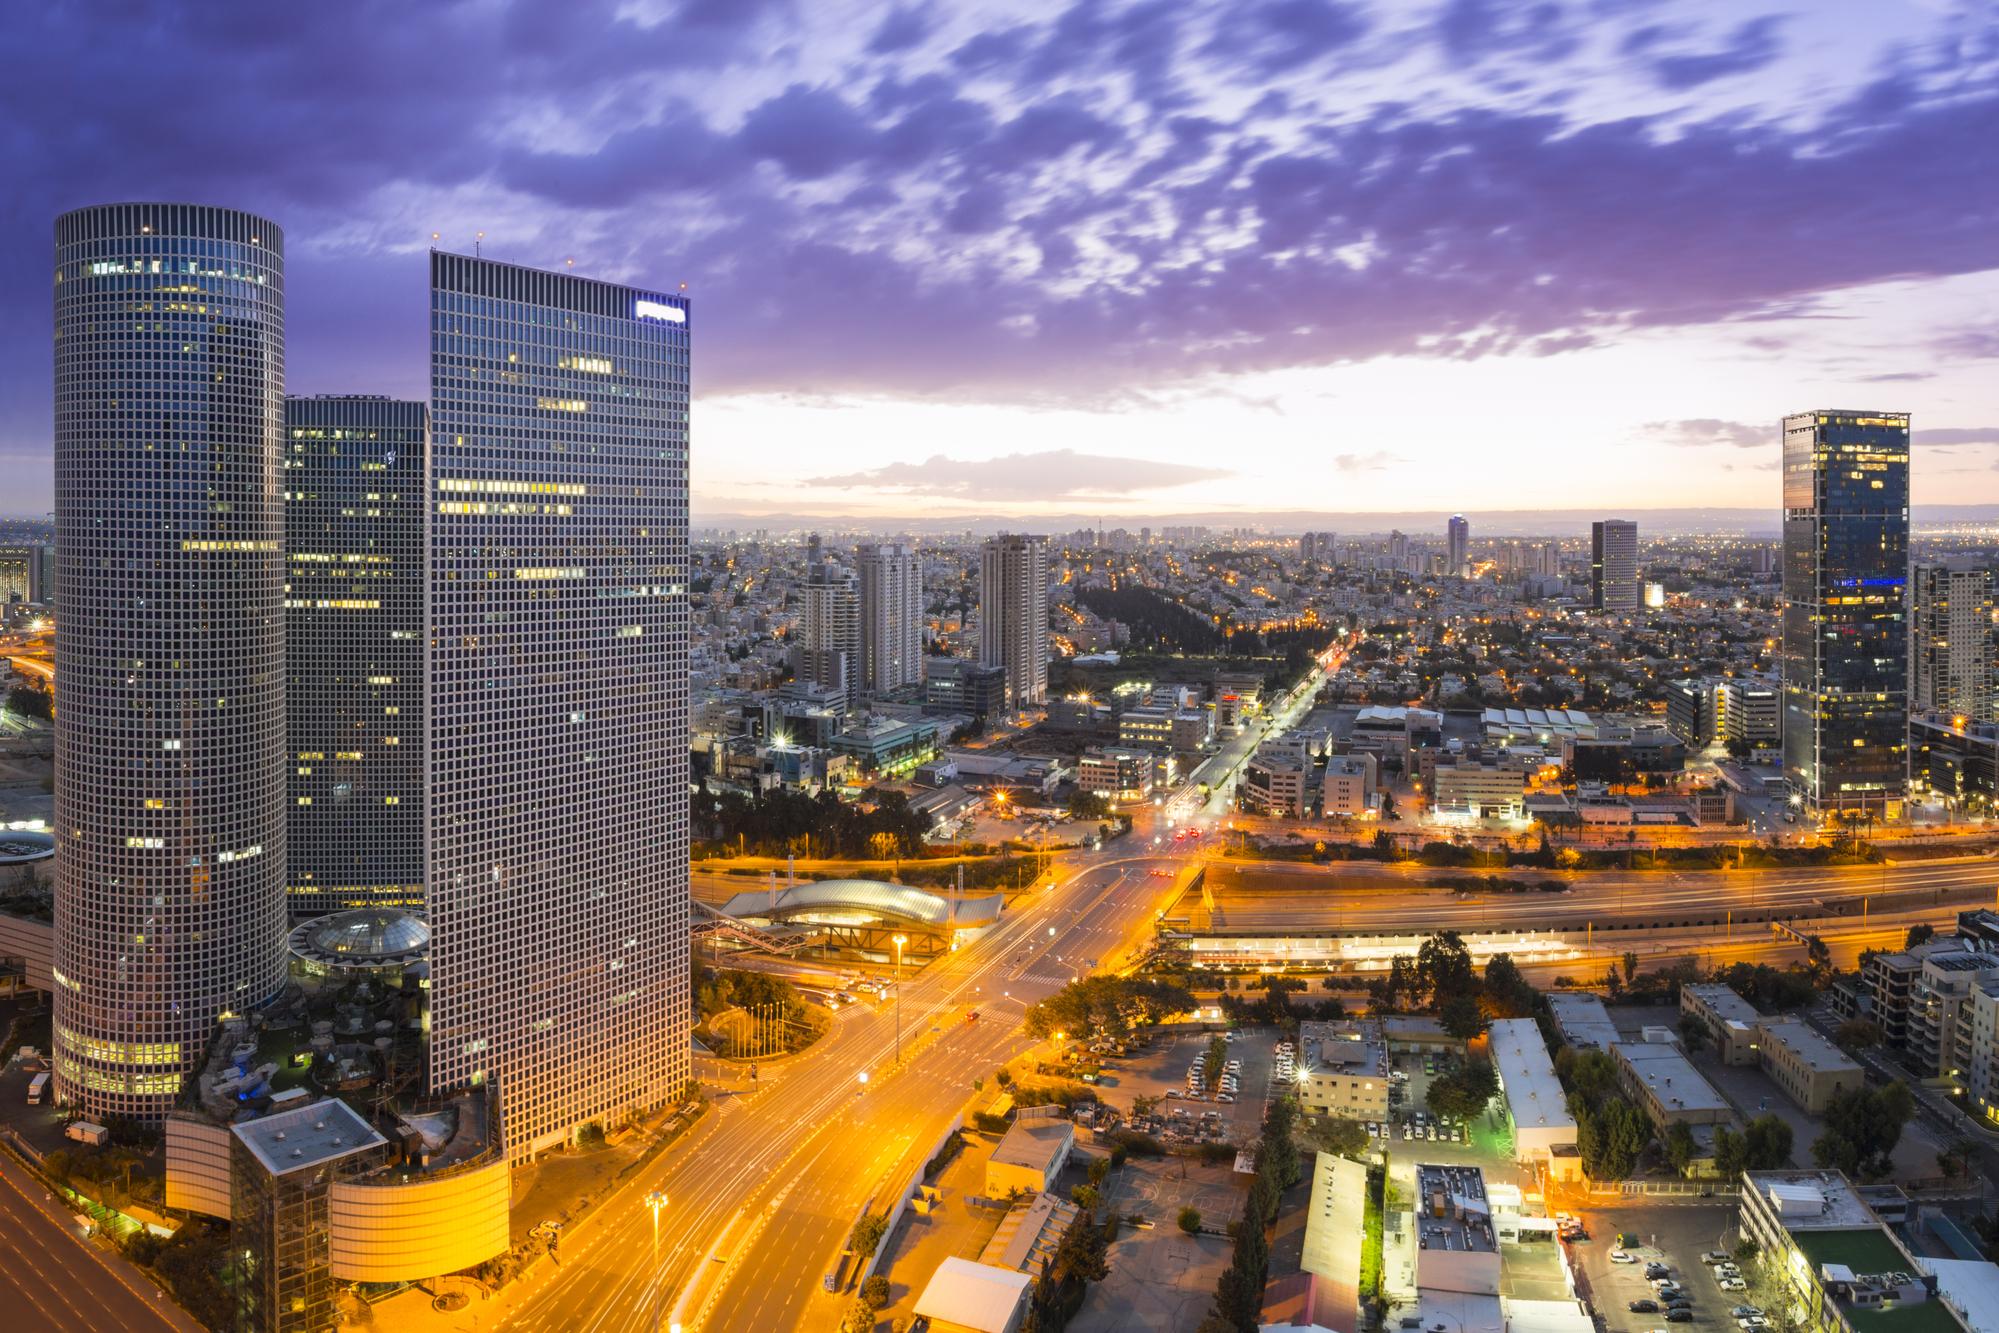 רכיבת אופניים בתל אביב - 3 מסלולים מומלצים